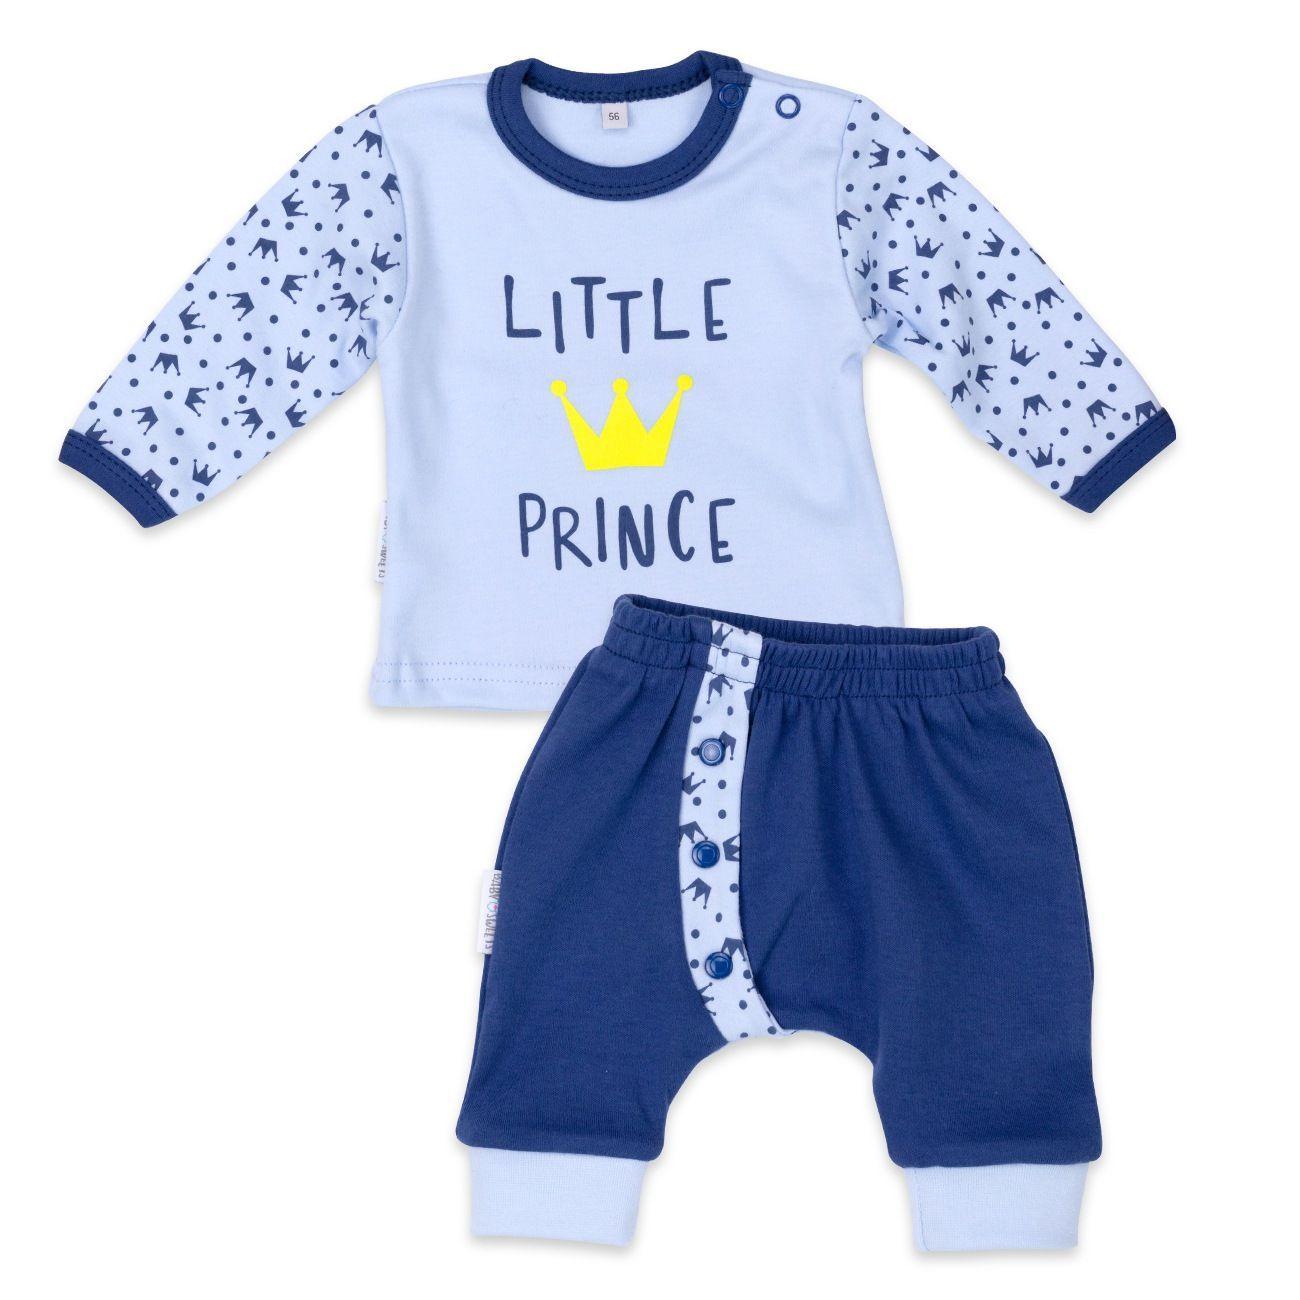 3b6fbb7a89 In dieser schnuckeligen Hose-Shirt-Kombi kommt der kleine Prinz richtig zur  Geltung!